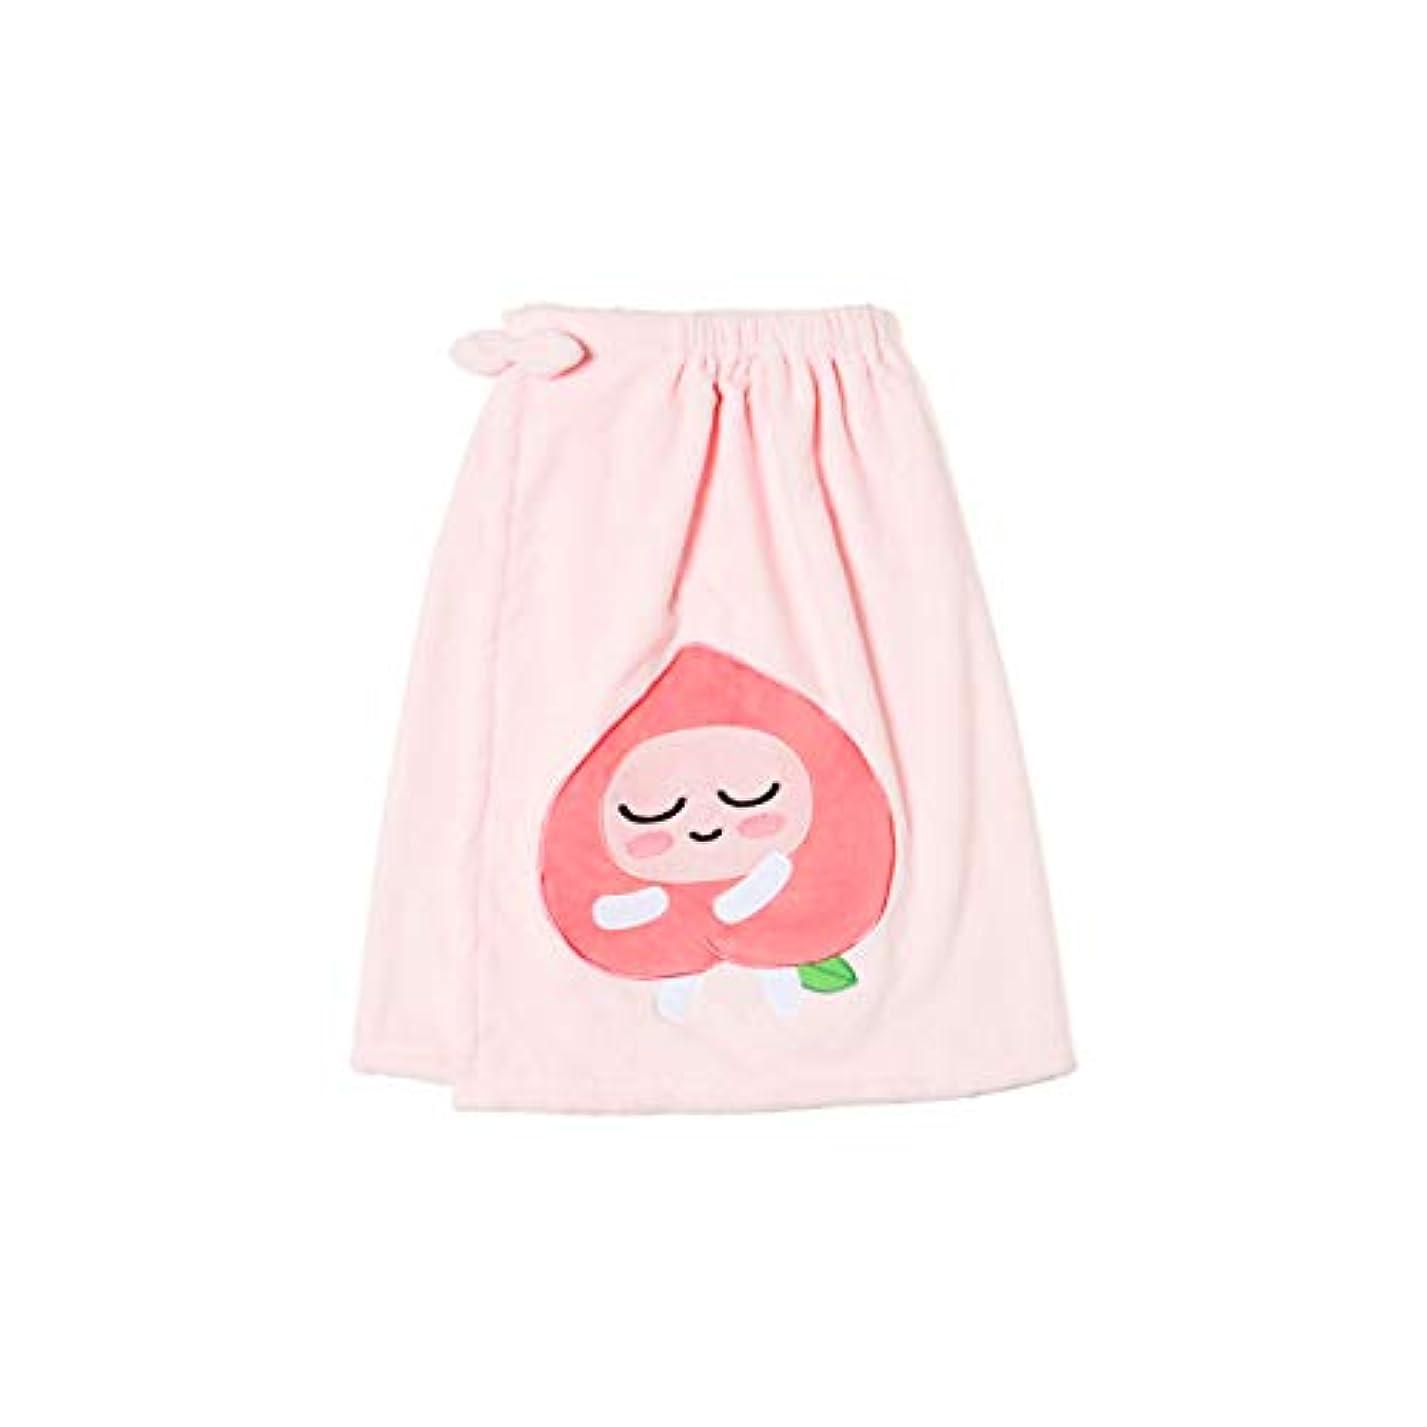 悲観的の頭の上ギャングスター[オフィシャル] カカオフレンズ – スイートアピーチ バスドレスガウンピンク KAKAO FRIENDS - Sweet Apeach Bath Dress Pink